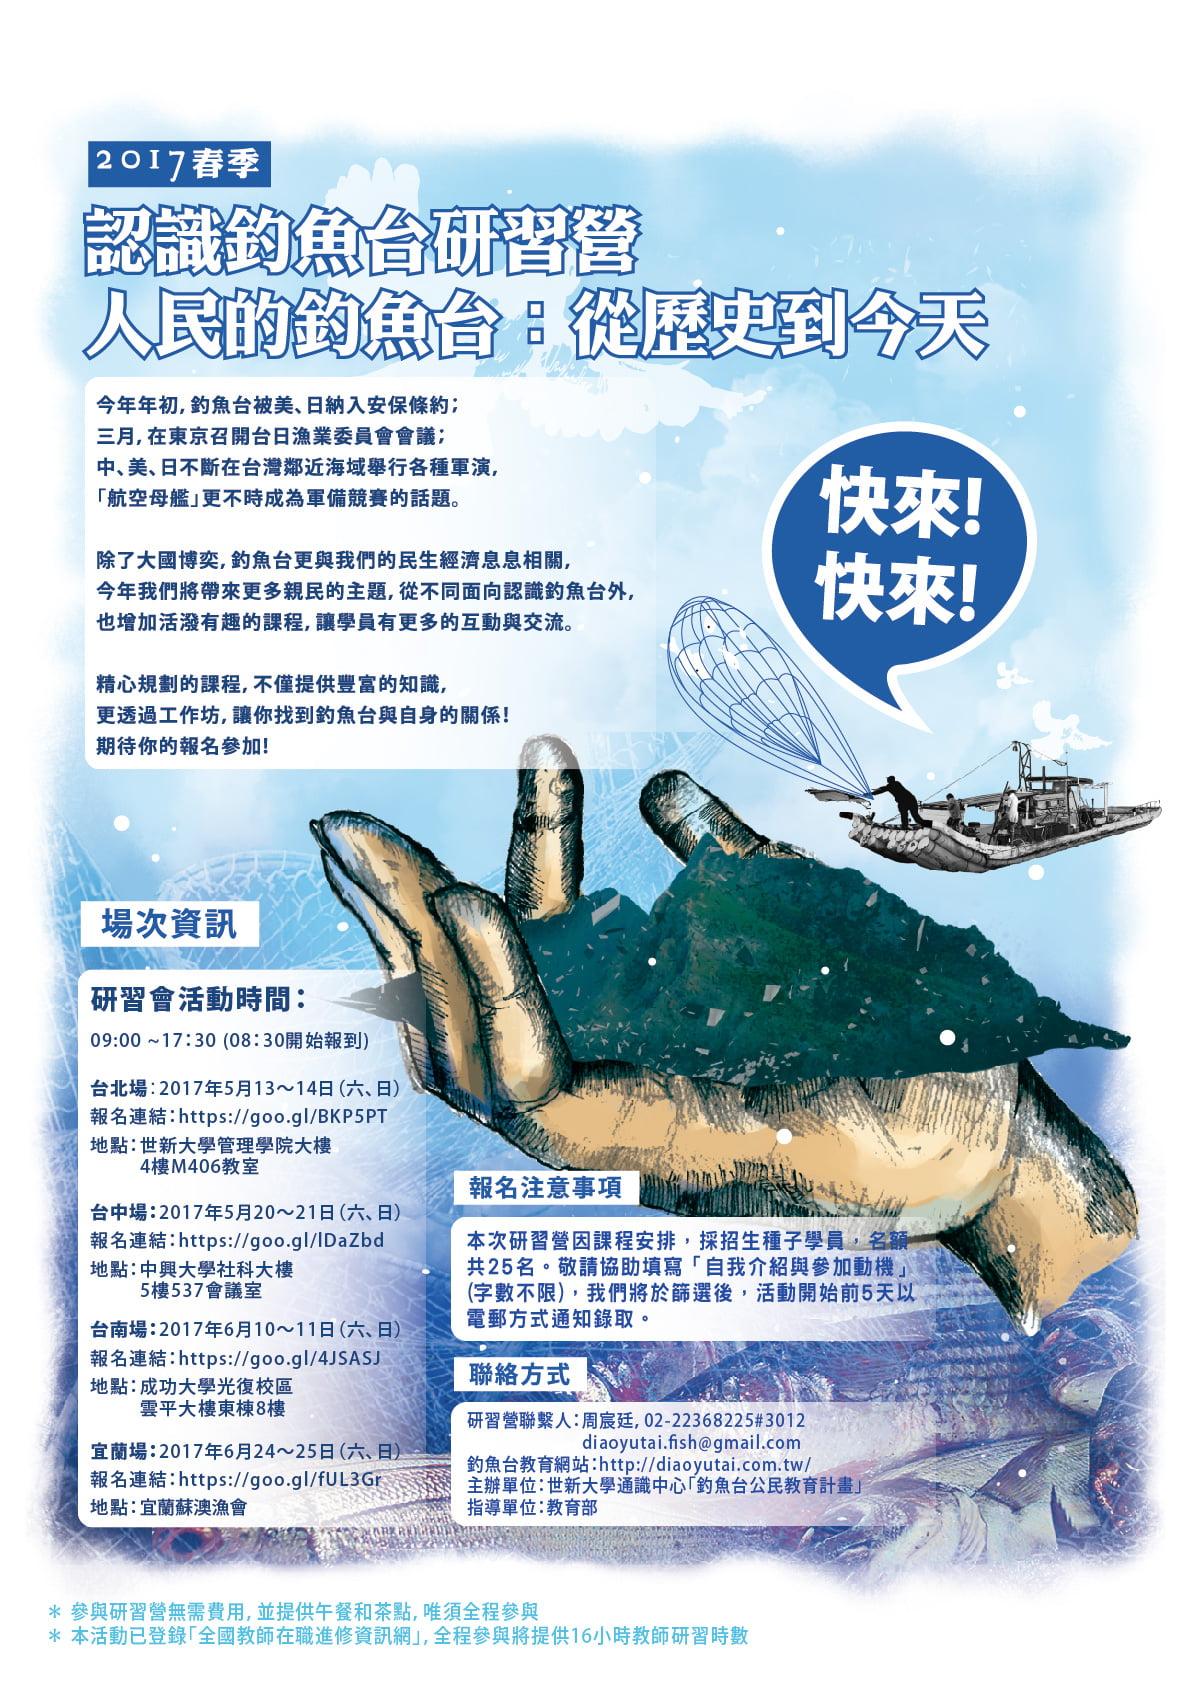 【敬邀參加】2017年春季認識釣魚台研習營|人民的釣魚台:從歷史到今天(敬請分享宣傳)